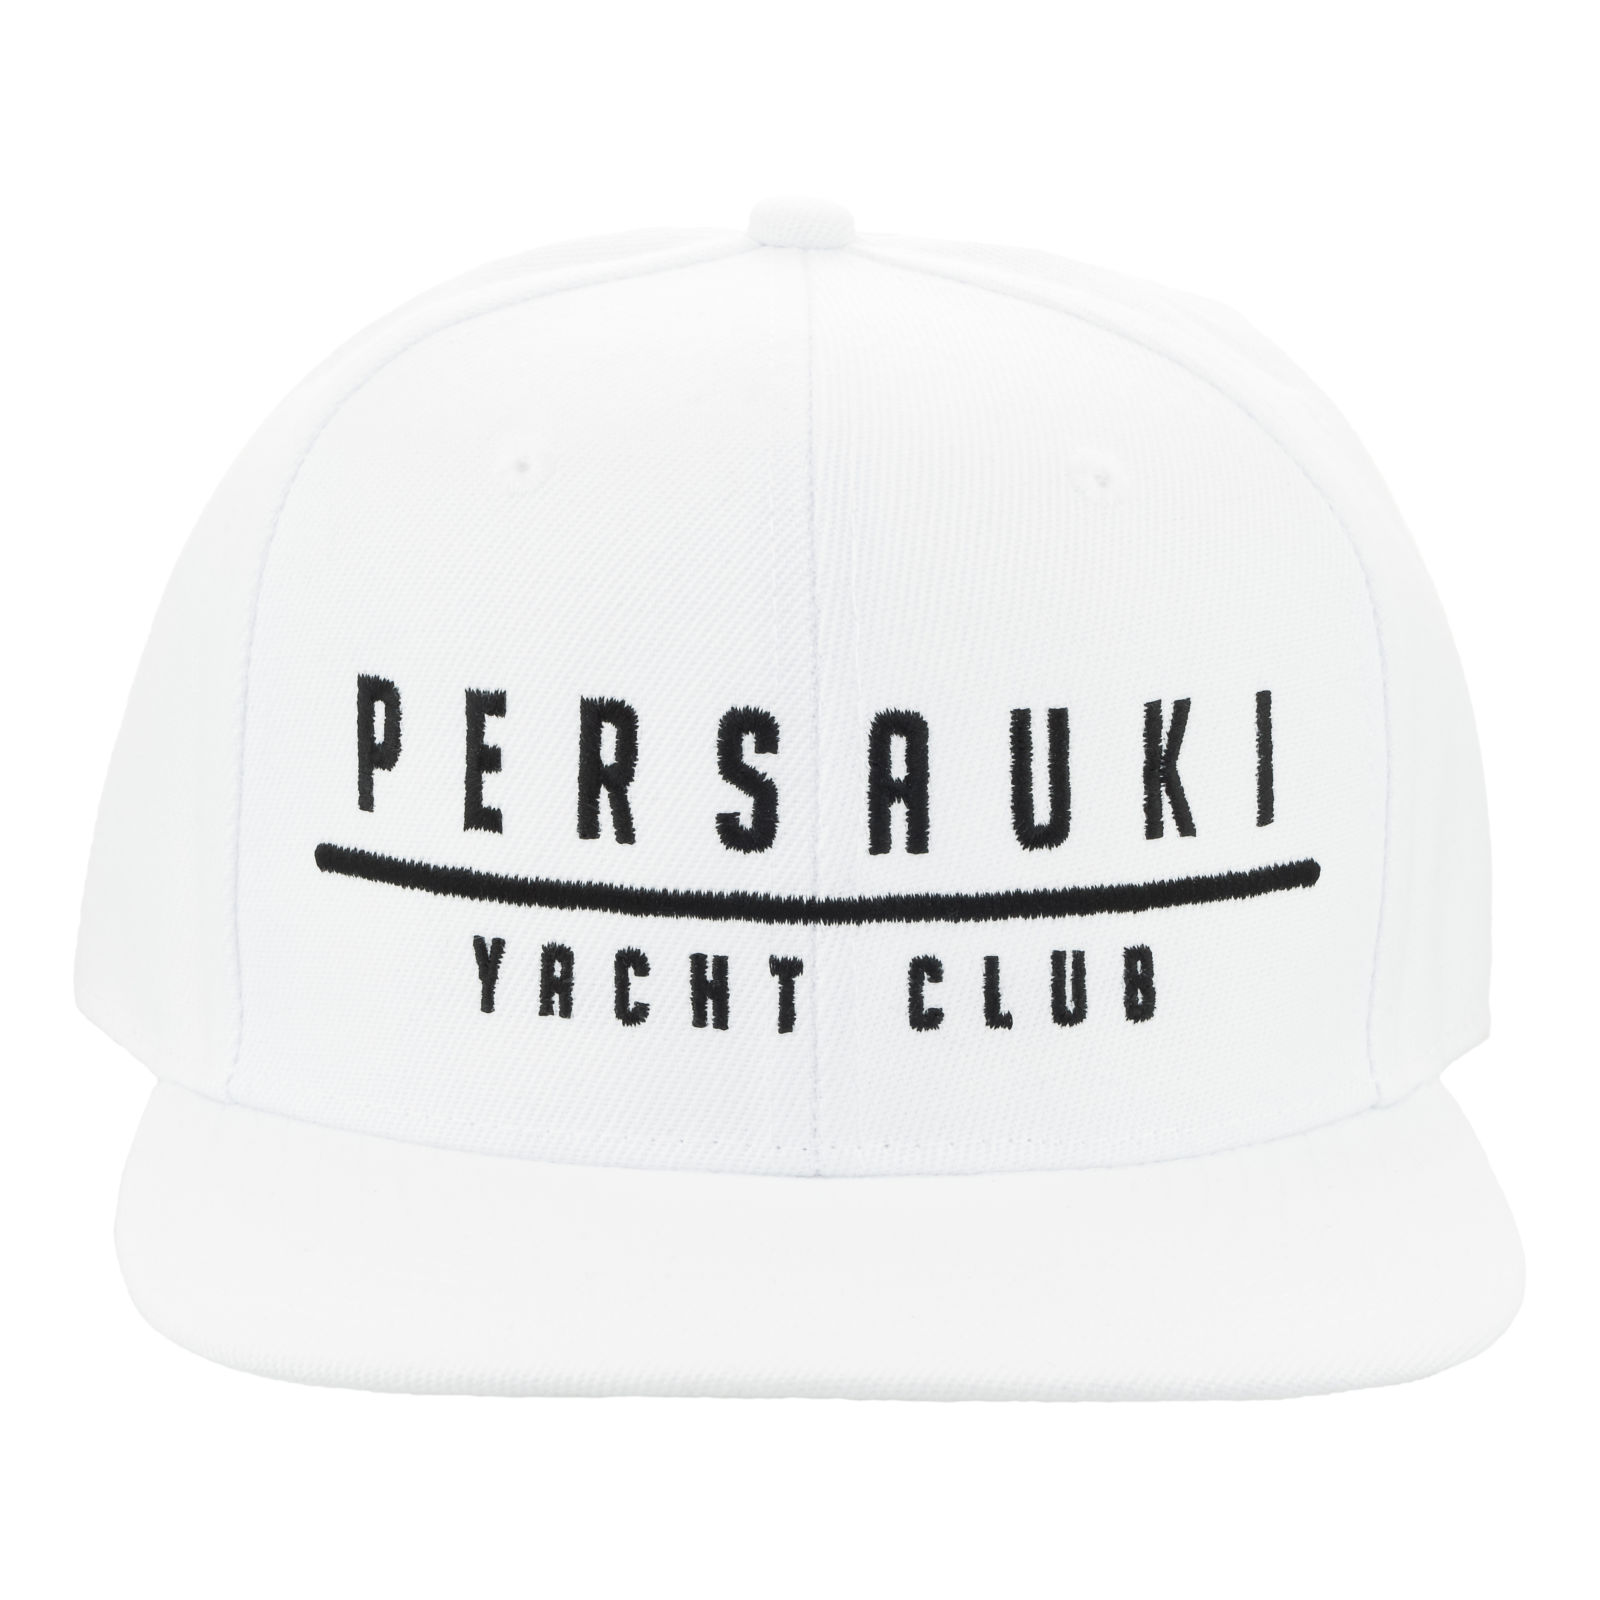 Tuotekuva: Persauki Yacht Club – White Snapback lippis